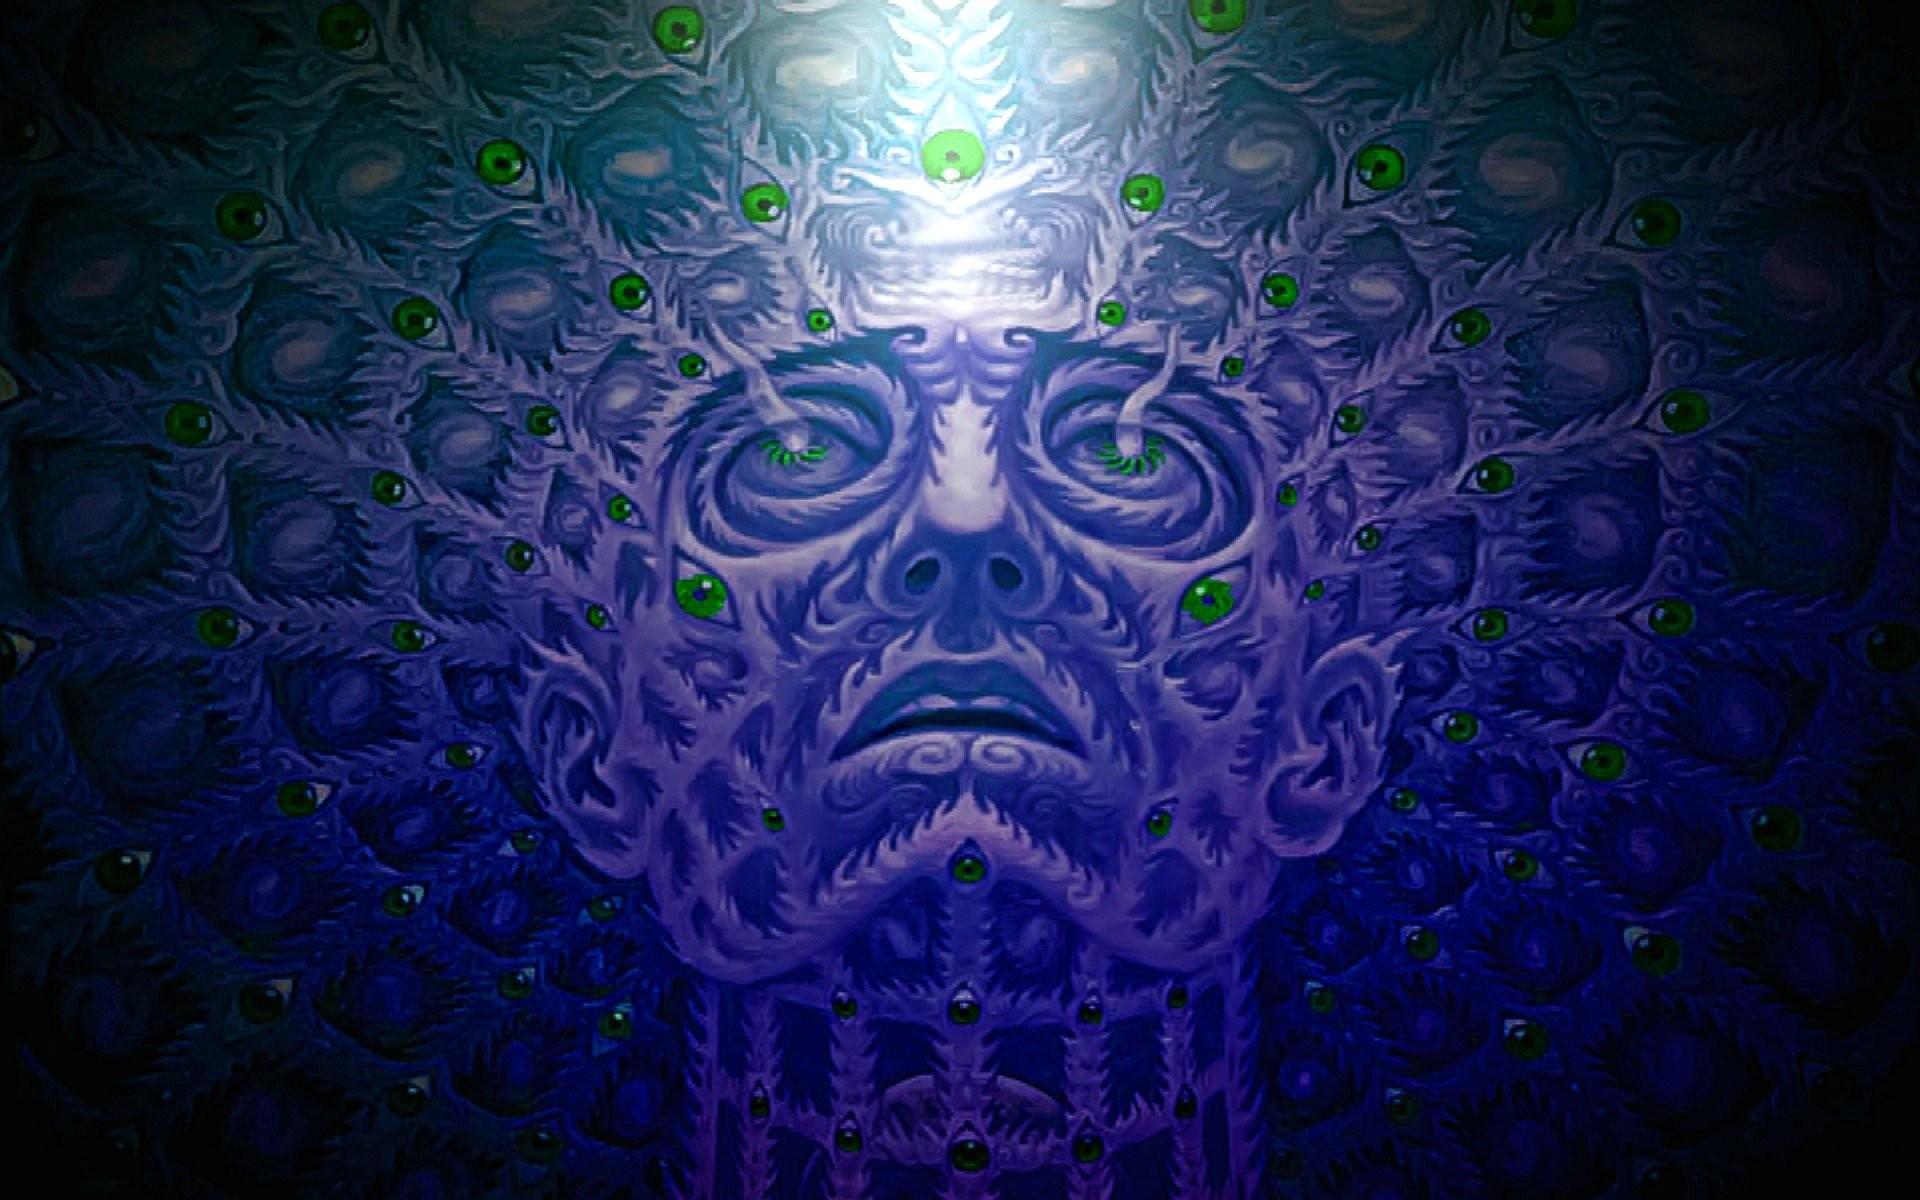 MASTODON sludge metal progressive heavy fantasy dark psychedelic wallpaper  | | 491902 | WallpaperUP